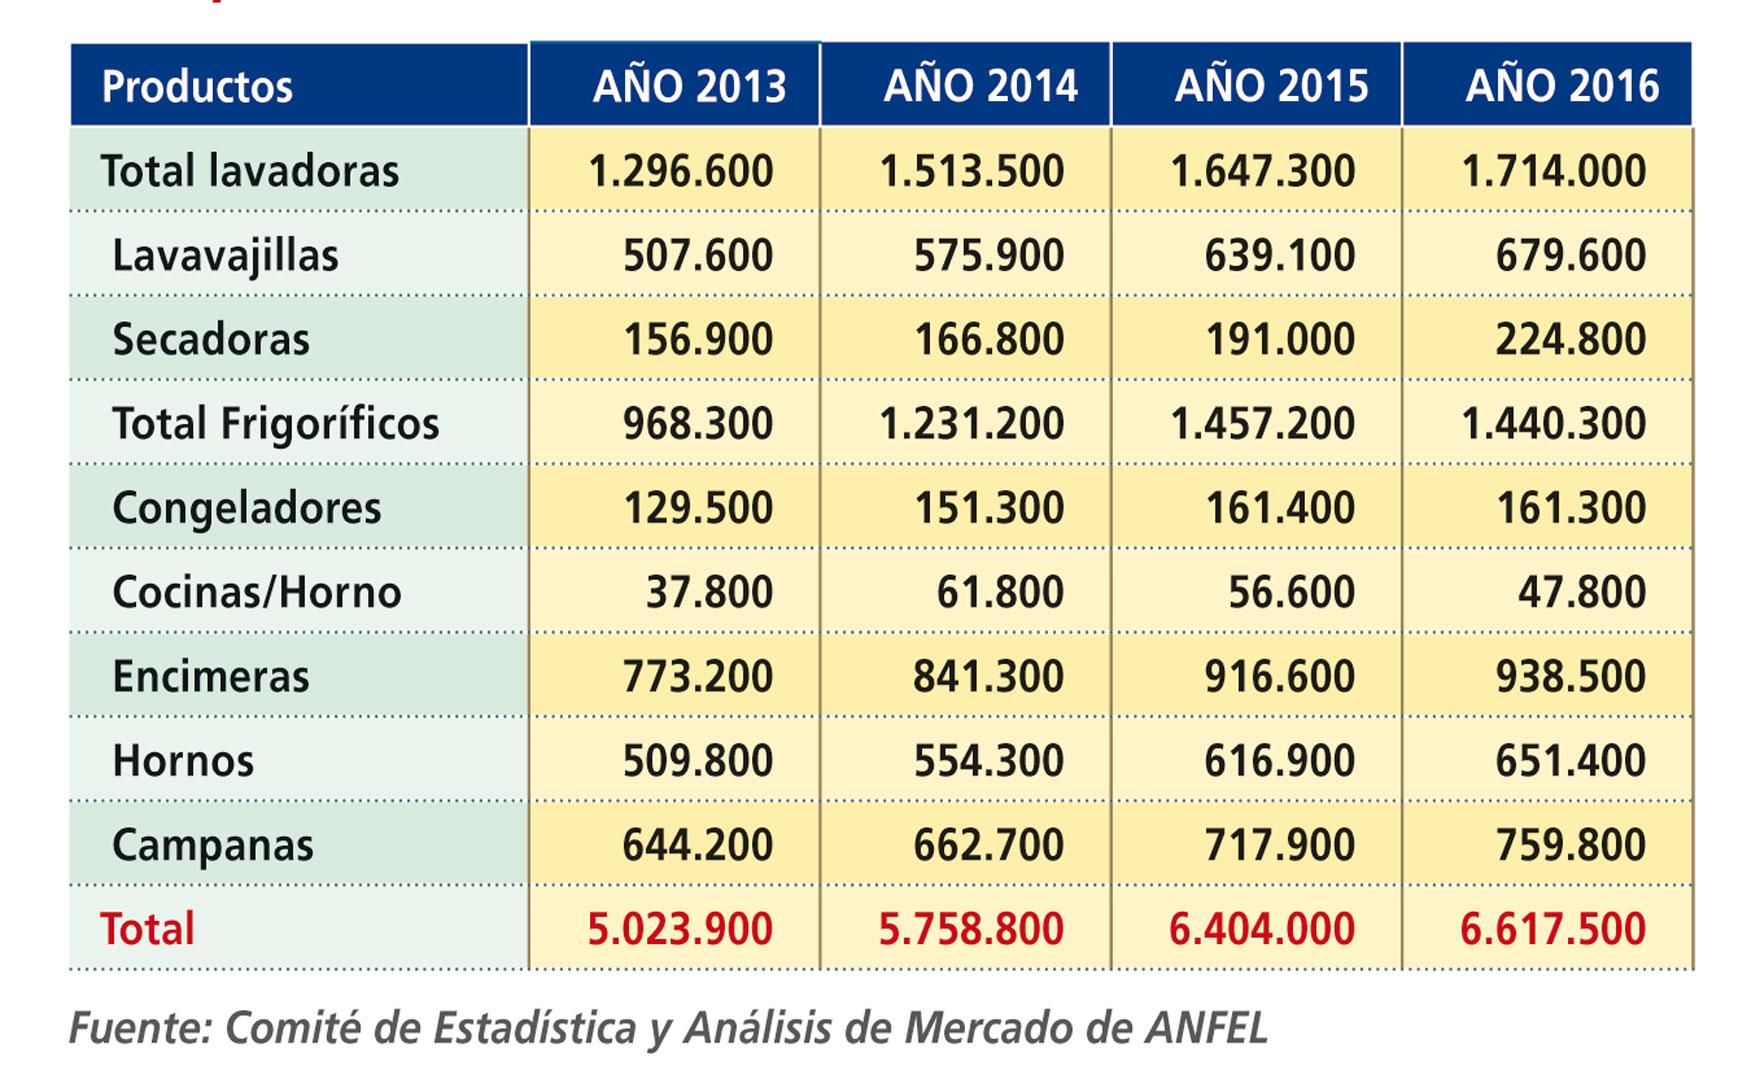 Comparativa anual del mercado de Línea Blanca